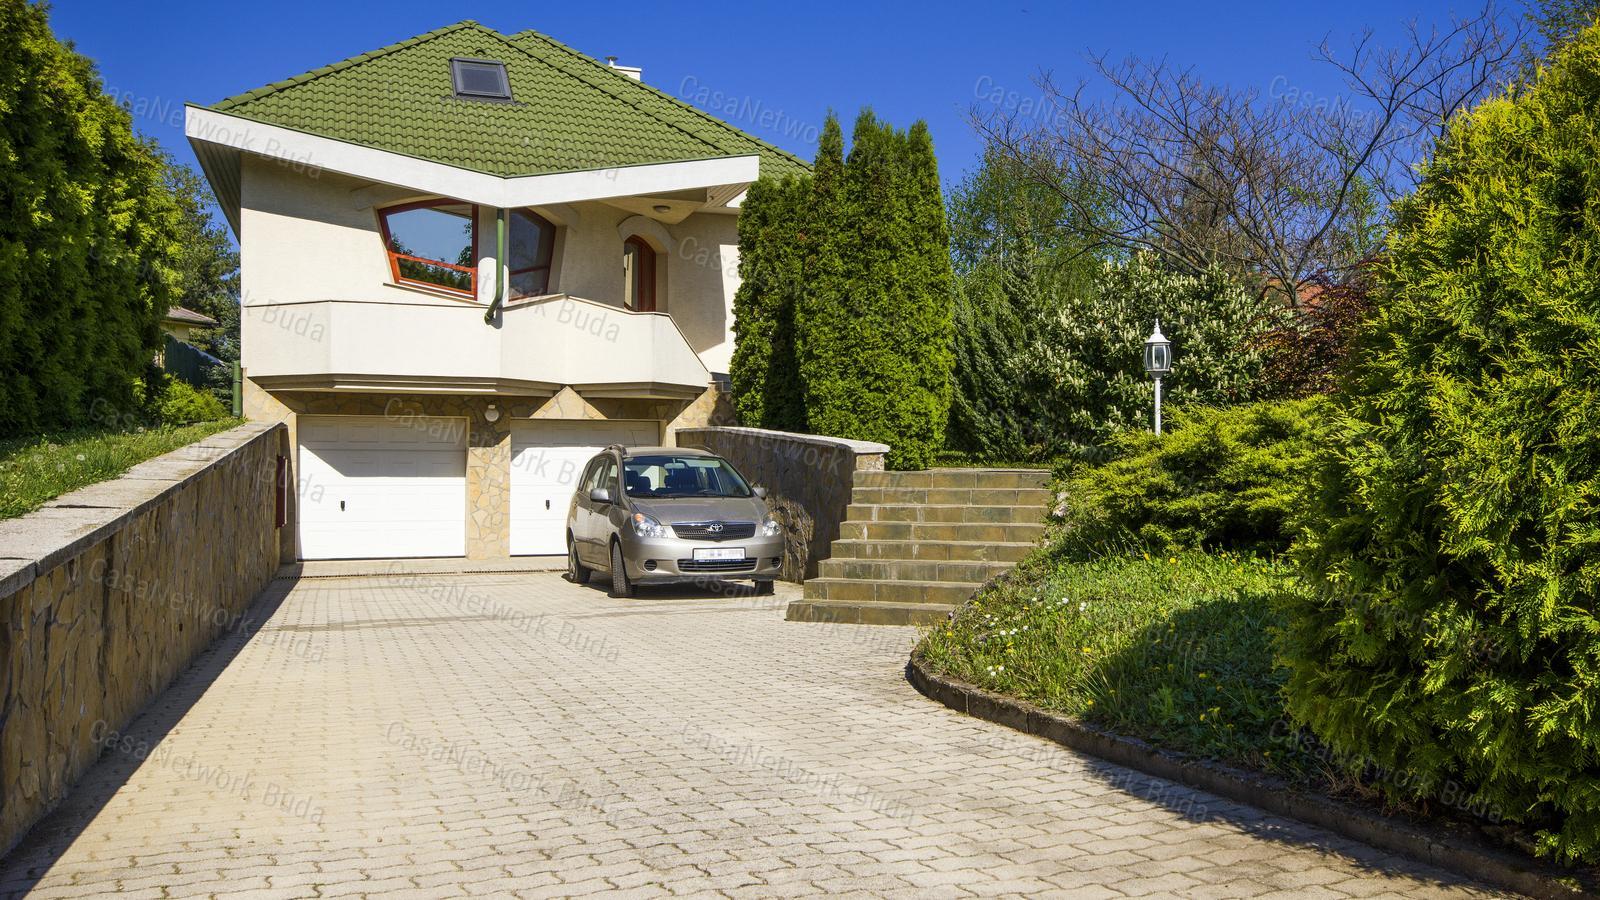 Eladó családi ház, Pest megye, Diósd - sz.: 181600014 - CasaNetWork.hu